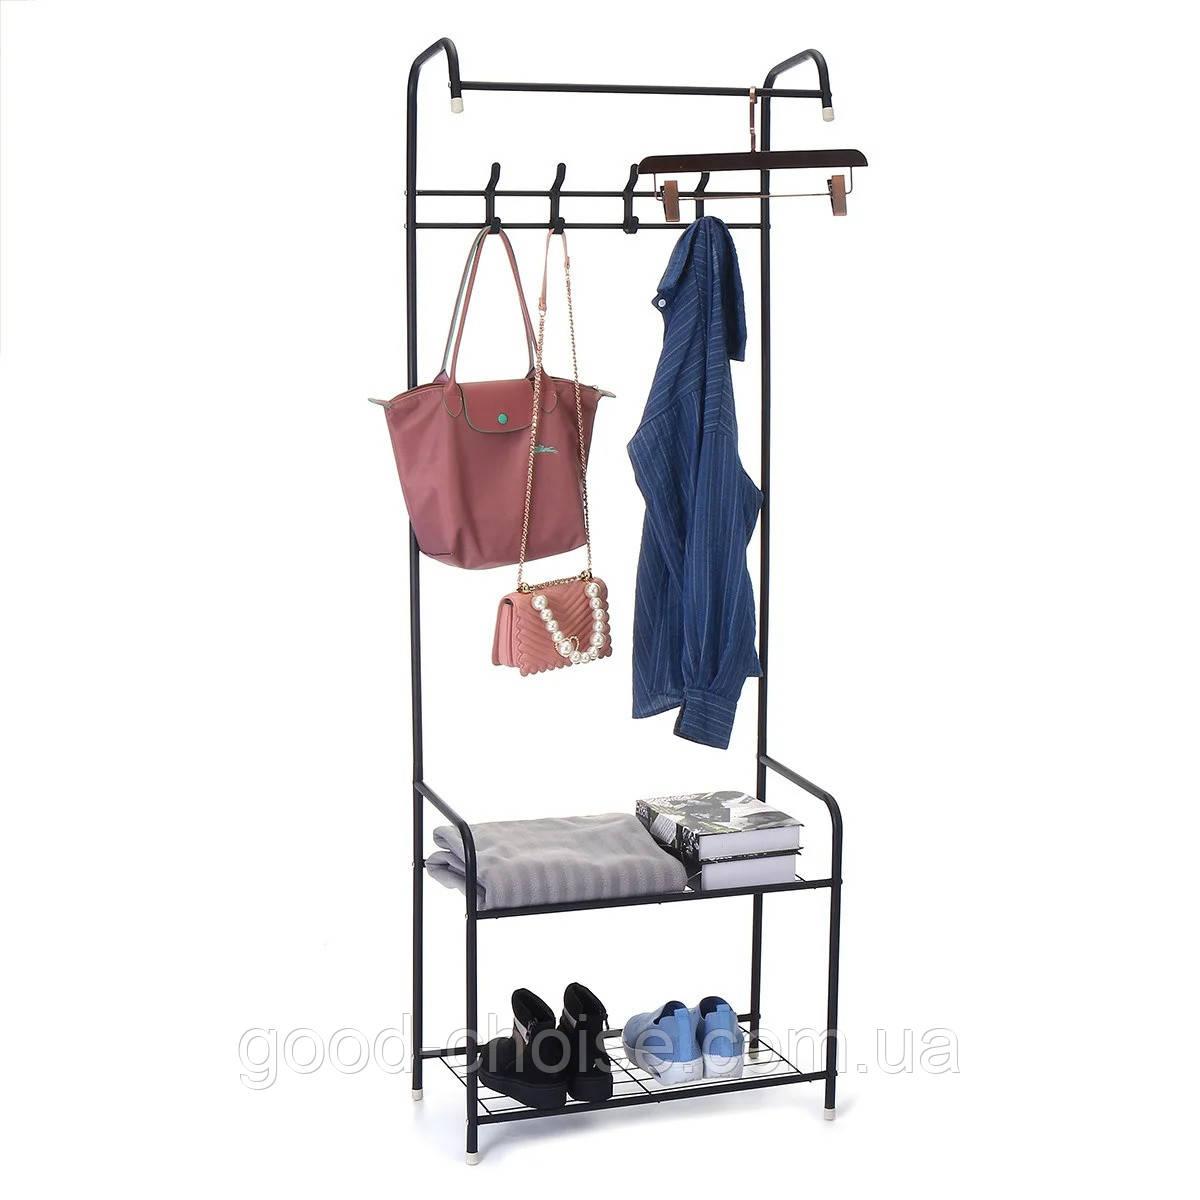 Вешалка напольная для одежды 3в1 HAT STAND